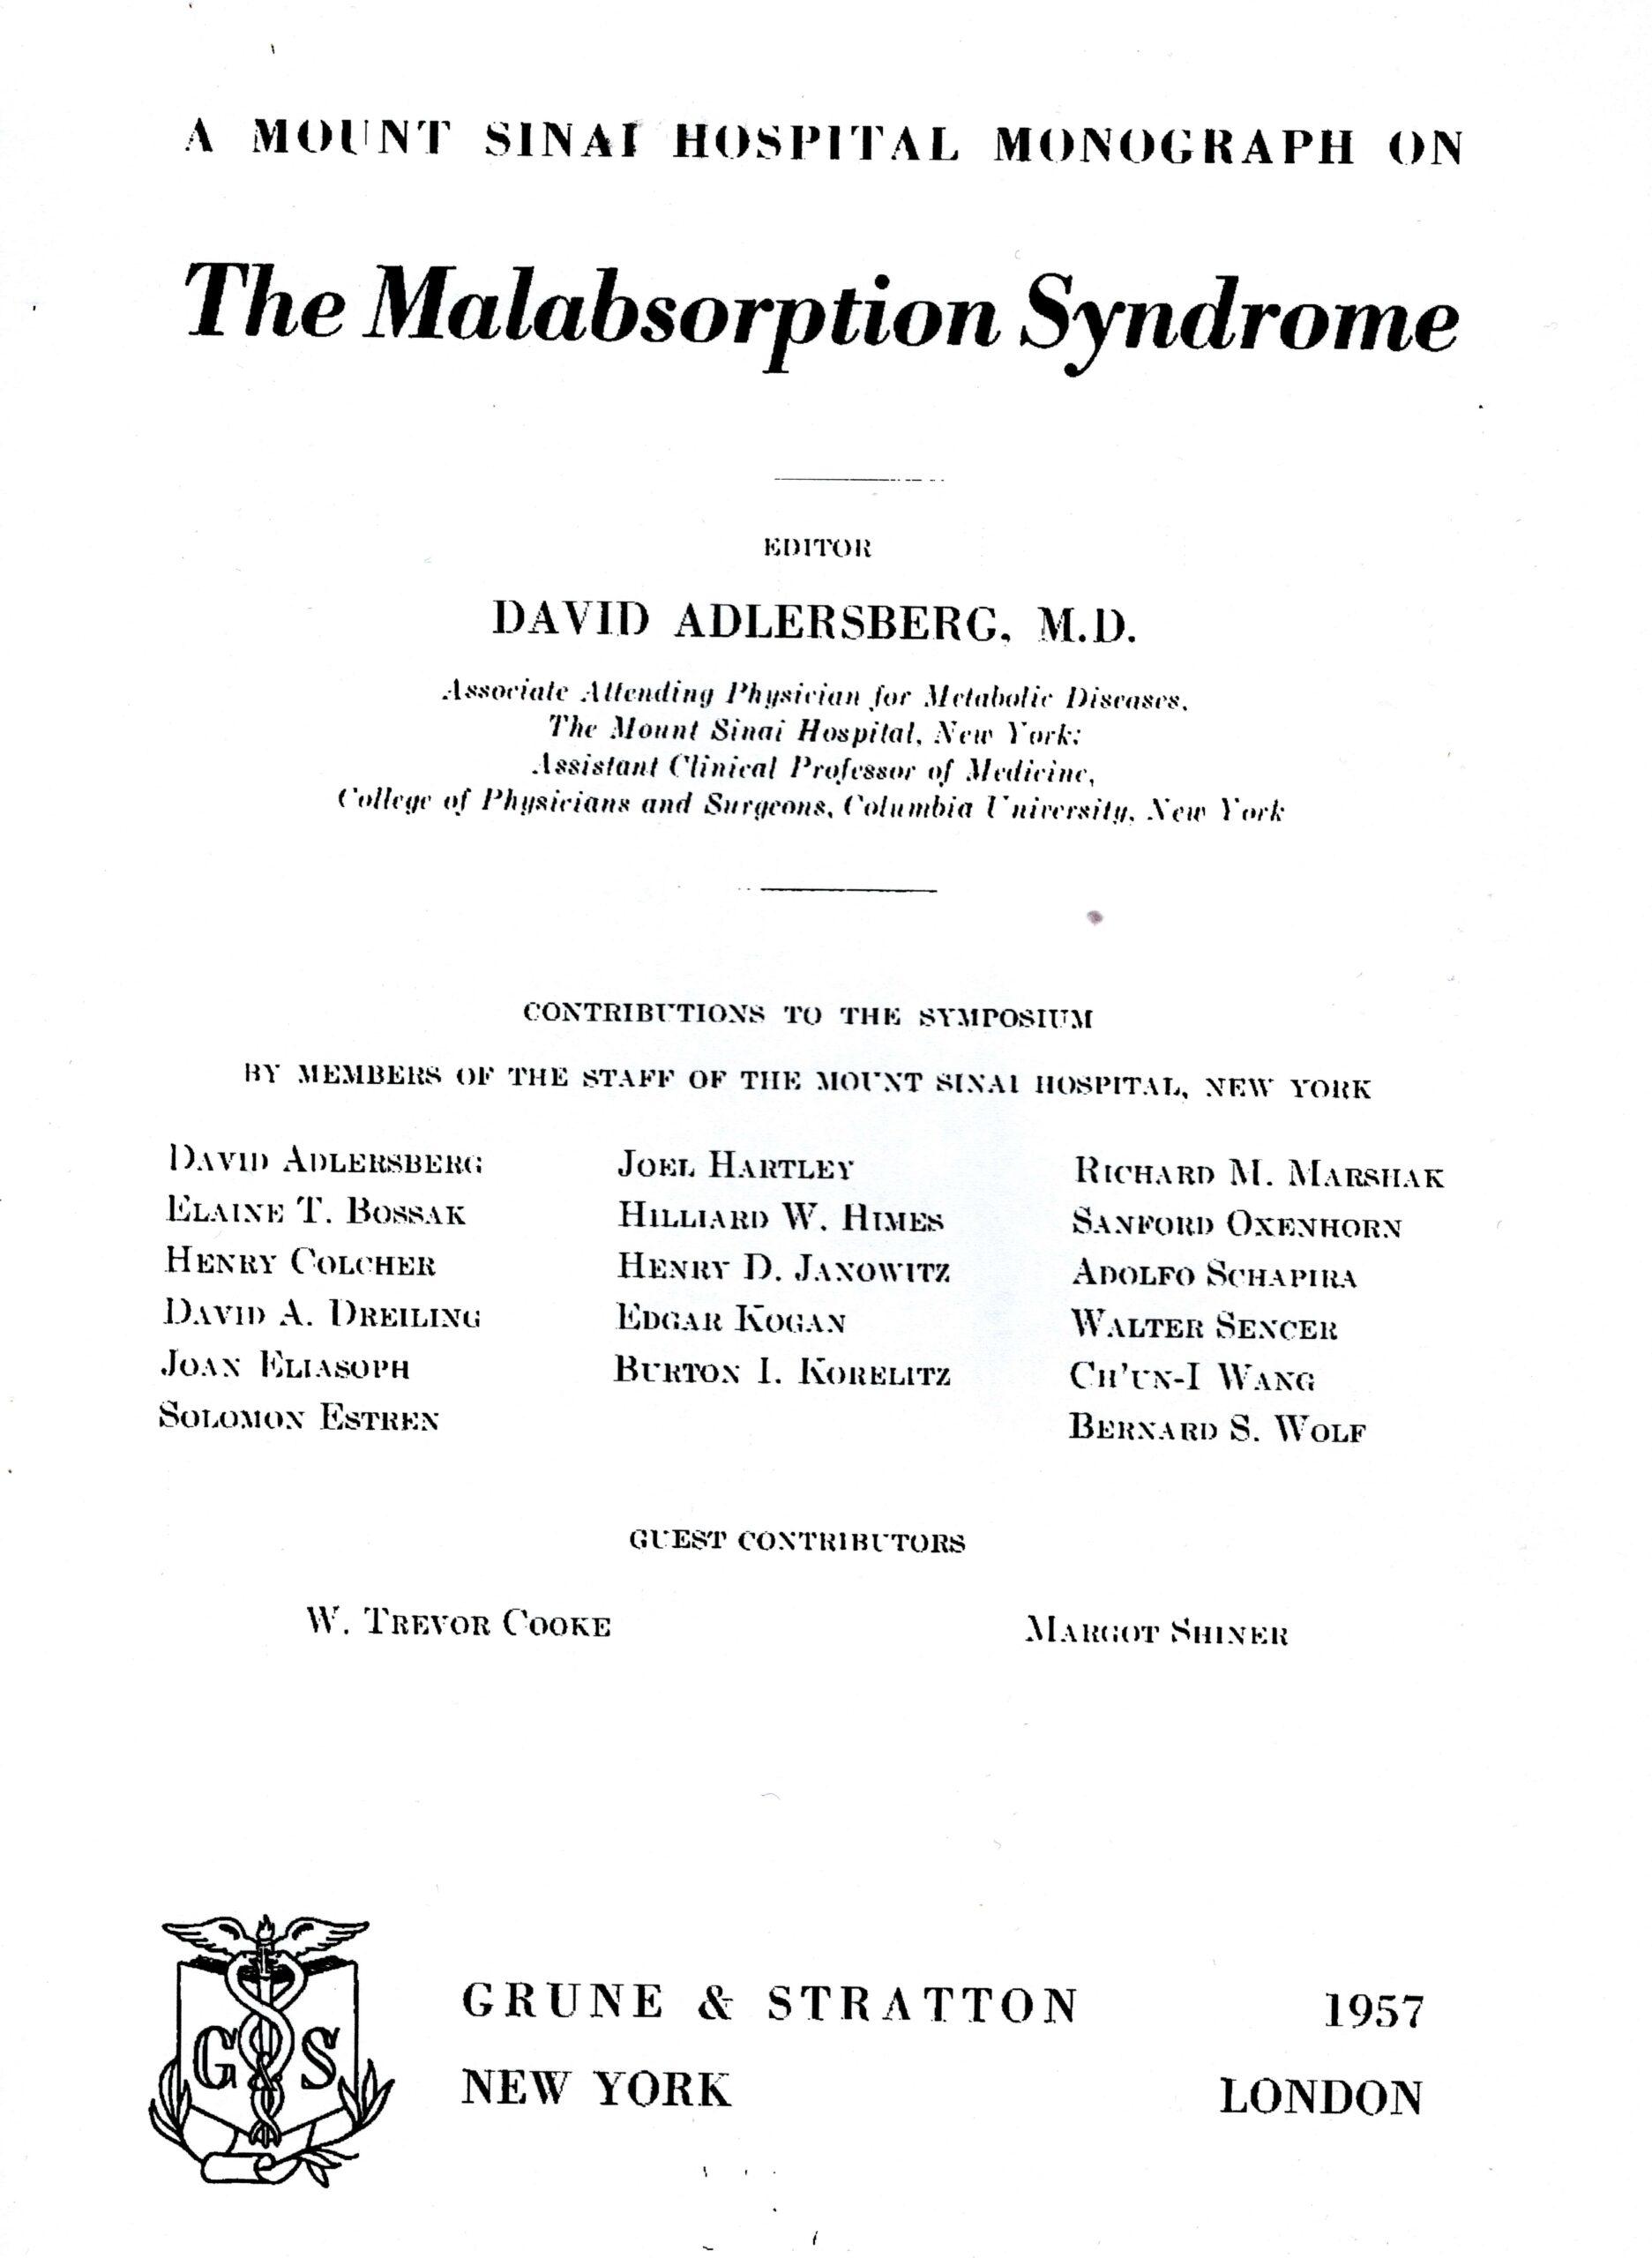 Symposiumsband zur Malabsorption von Adlersberg